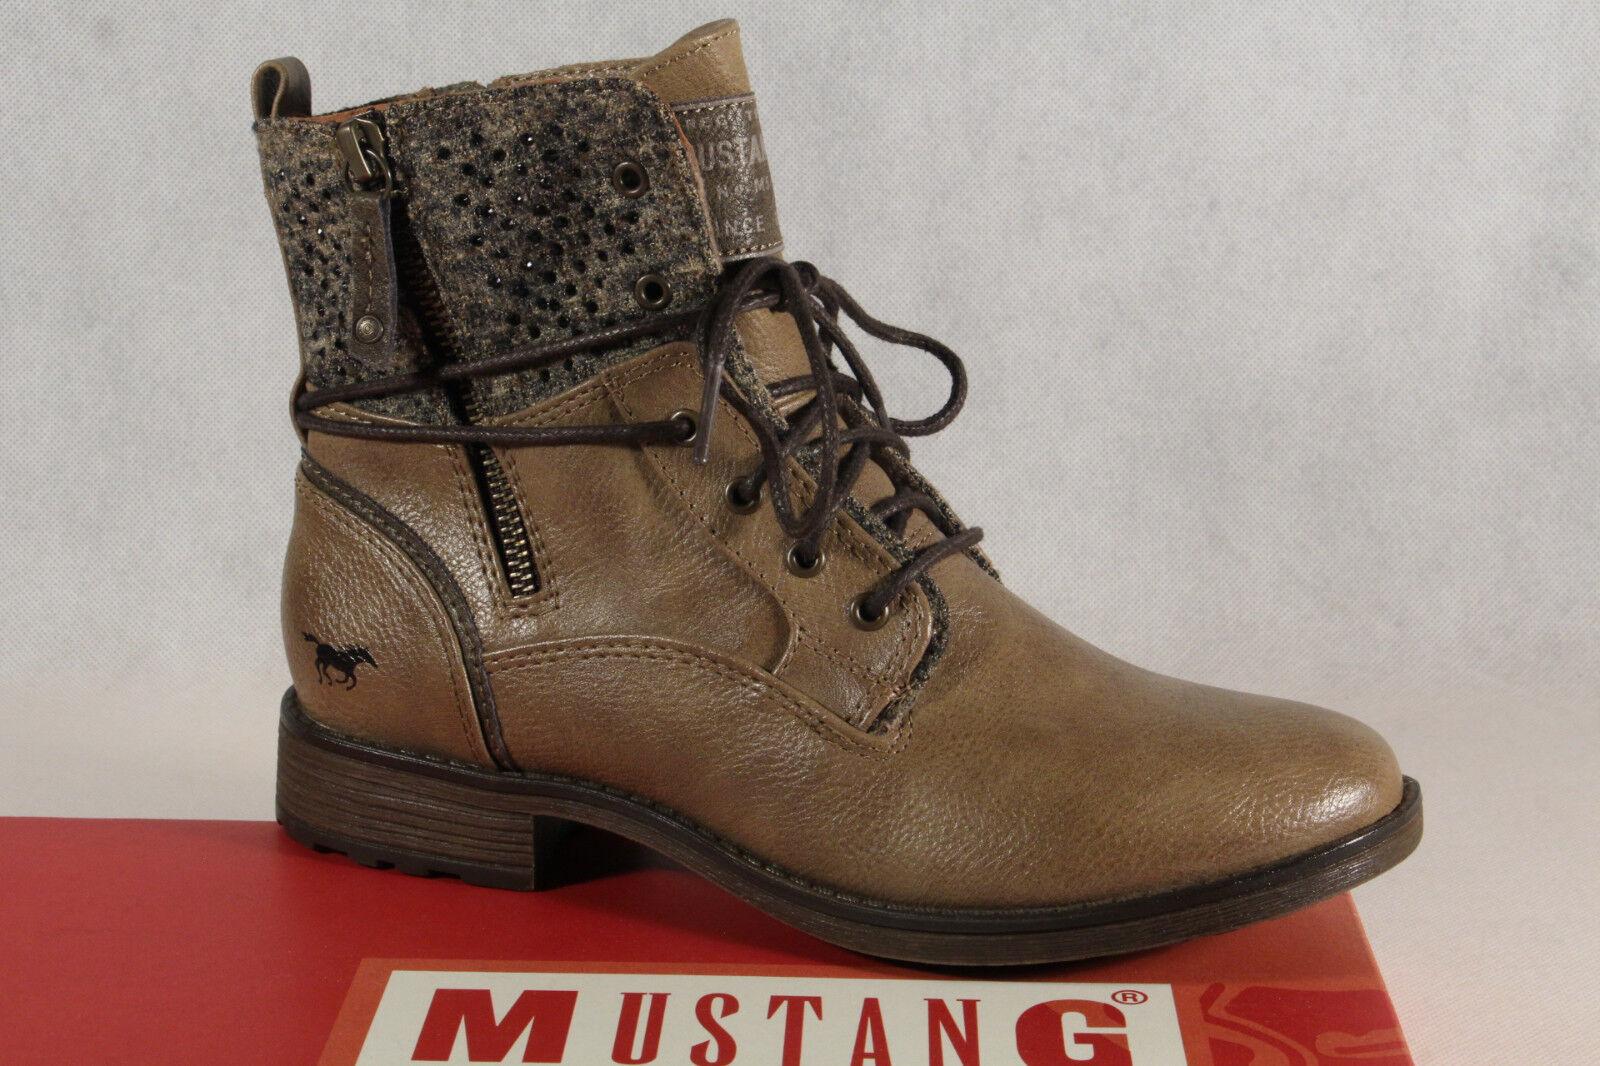 heißer verkauf Mustang Damen Stiefel braun 1295605 301 zu